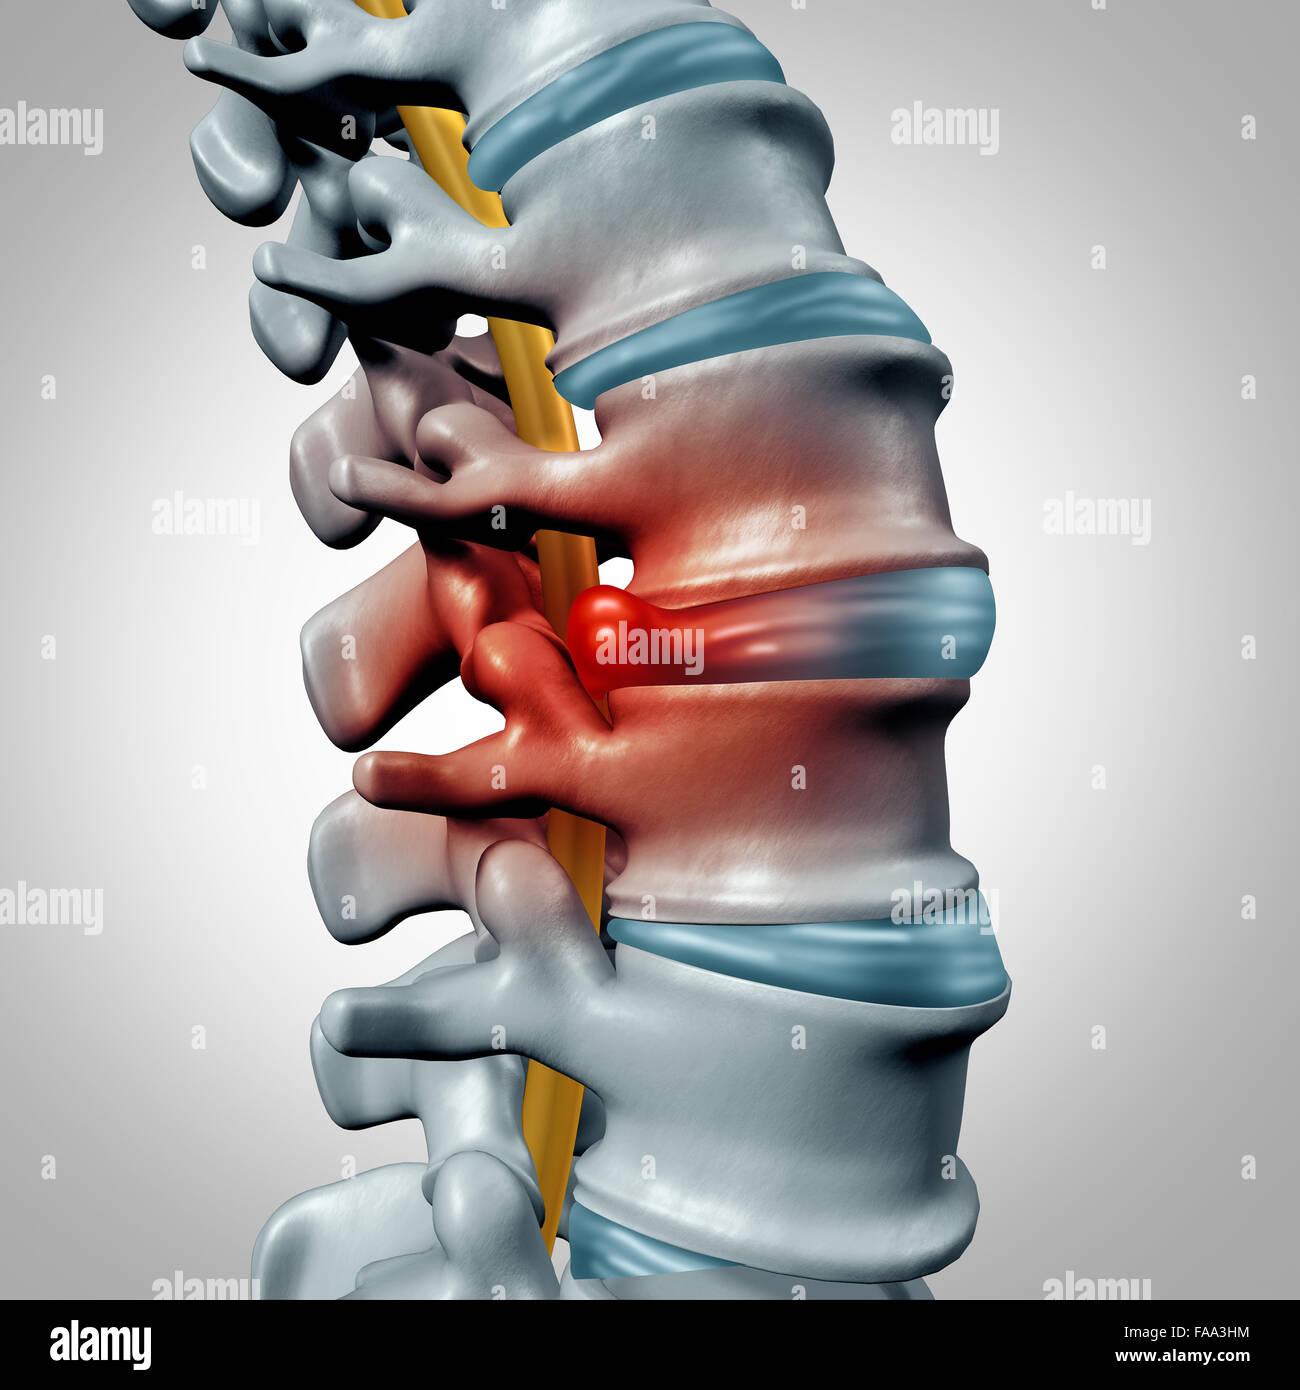 Bandscheibenvorfall-Konzept und Wirbelsäule Schmerzen Diagnose als ein Systemsymbol der menschlichen Wirbelsäule Stockbild